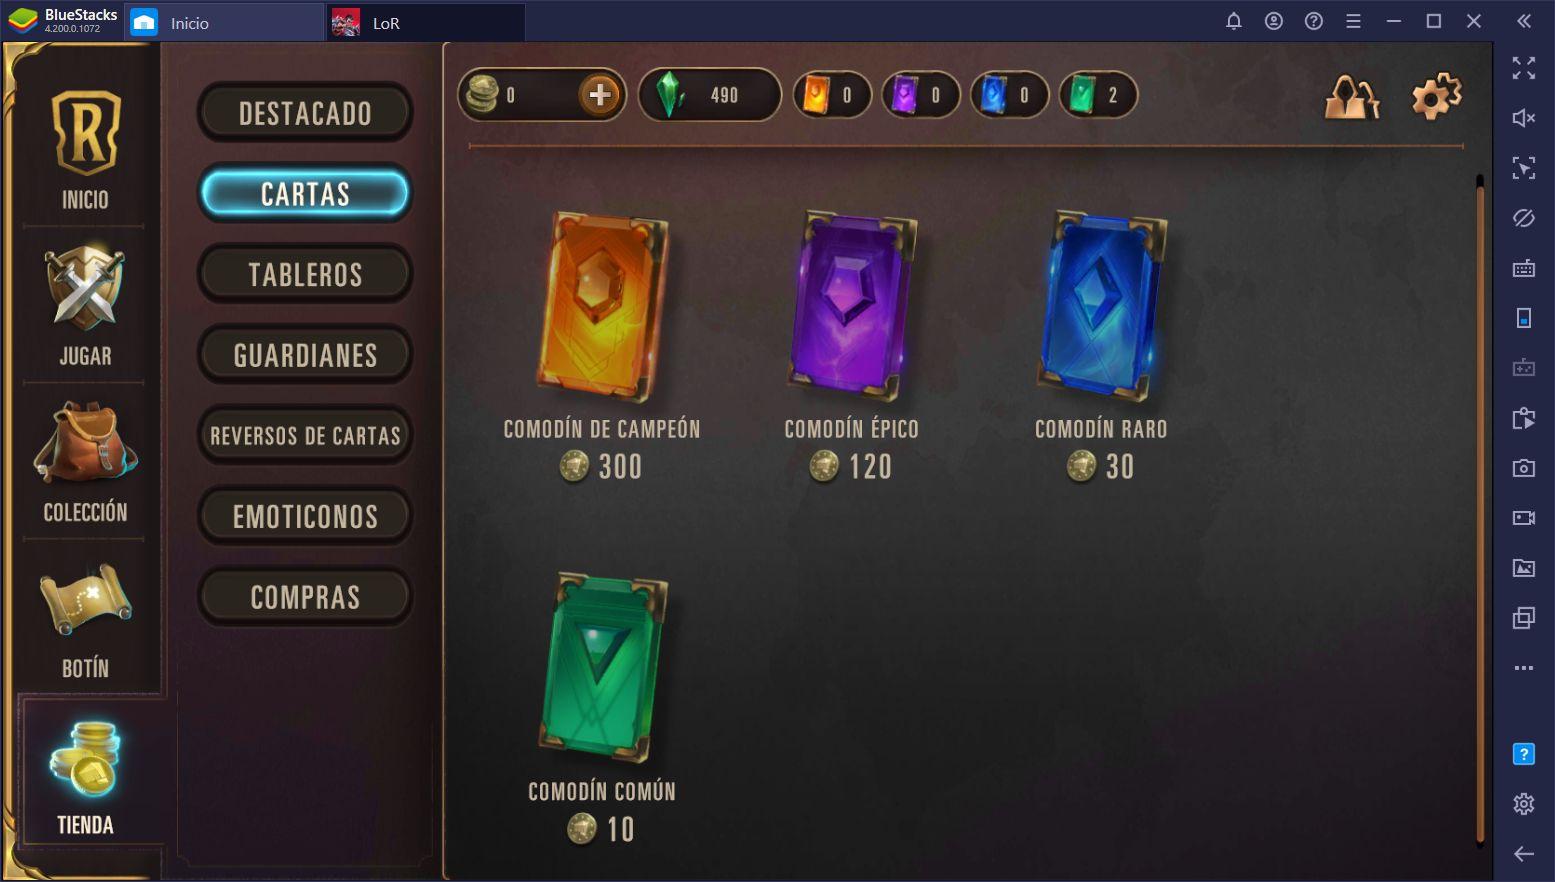 Legends of Runeterra - Cómo Obtener Nuevas Cartas y Expandir tus Mazos